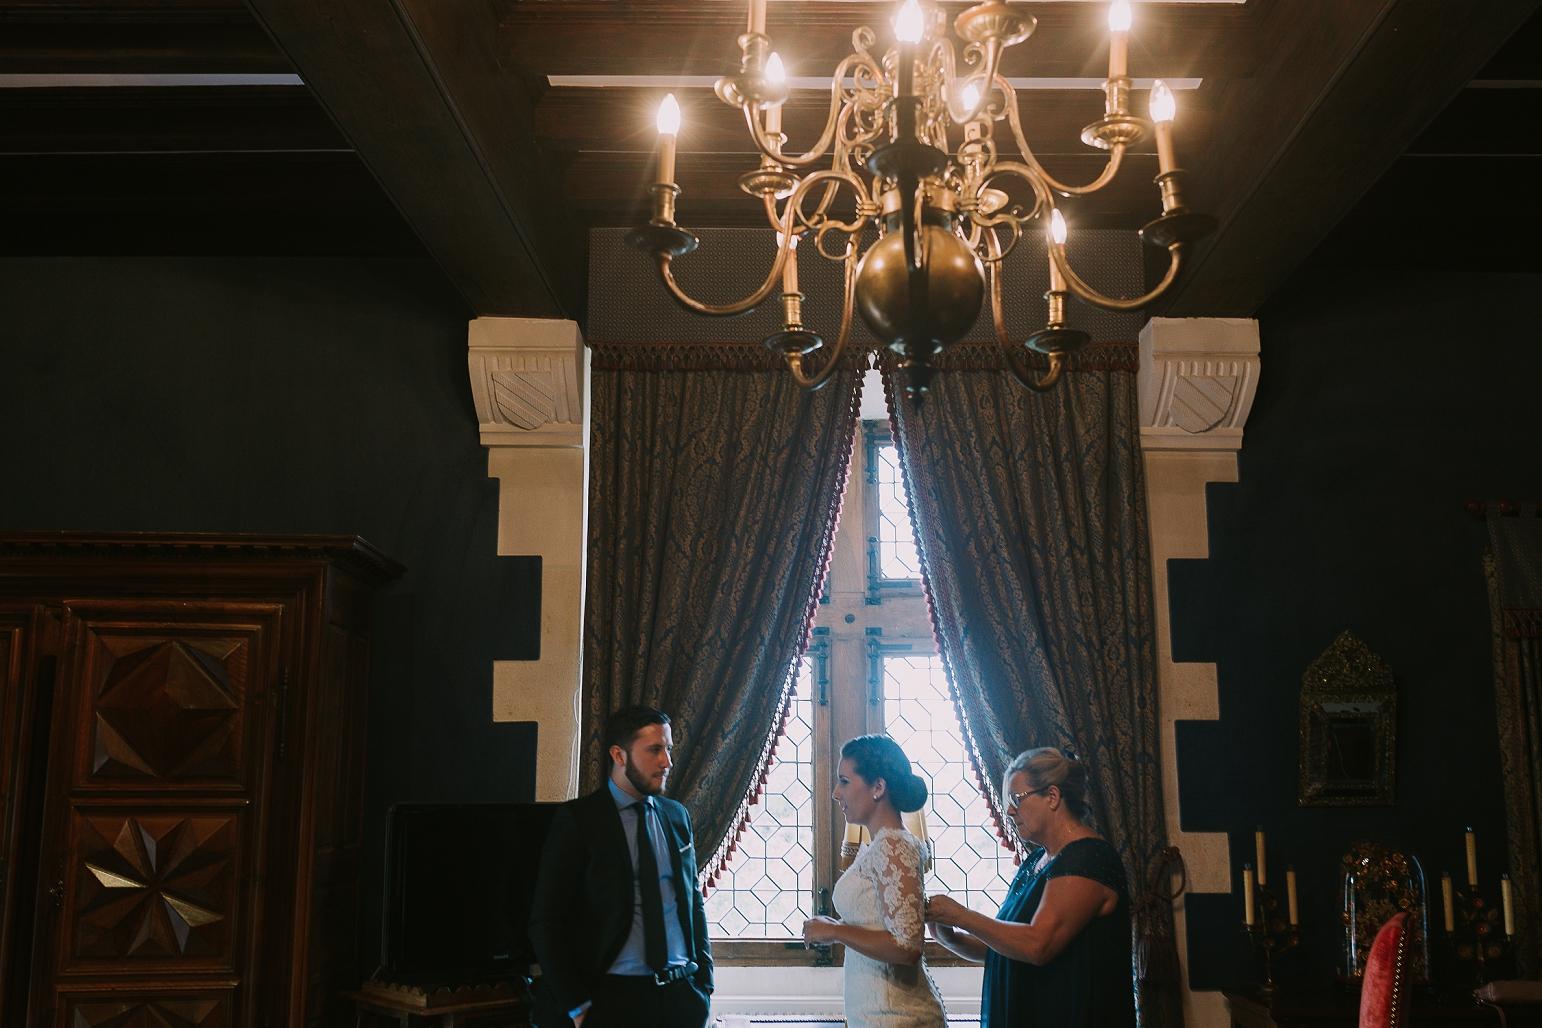 kateryna-photos-mariage-wedding-france-bretagne-pays-de-la-loire-chateau-de-la-colaissiere-st-sauveur-de-landemont_0025.jpg